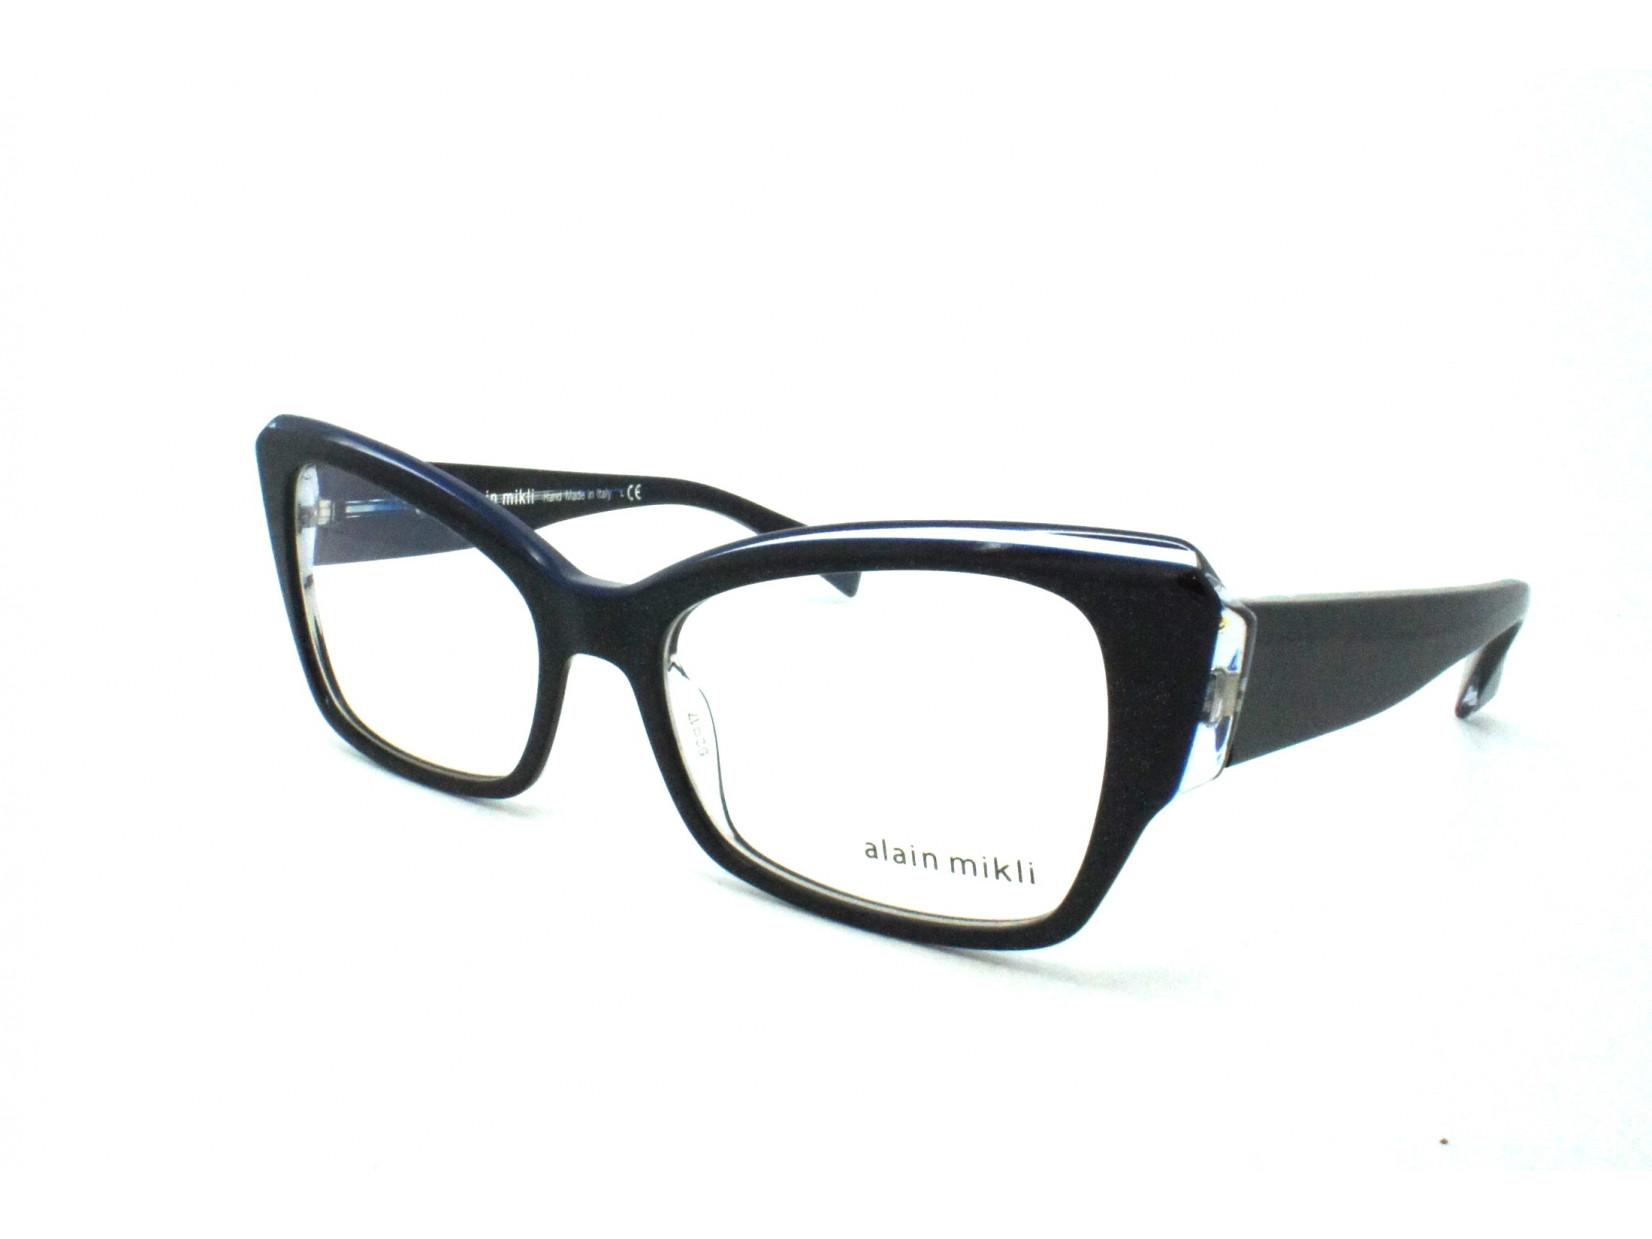 6025e85aae5cc Lunettes de vue pour femme ALAIN MIKLI Noir AO 3036 B012 52 17